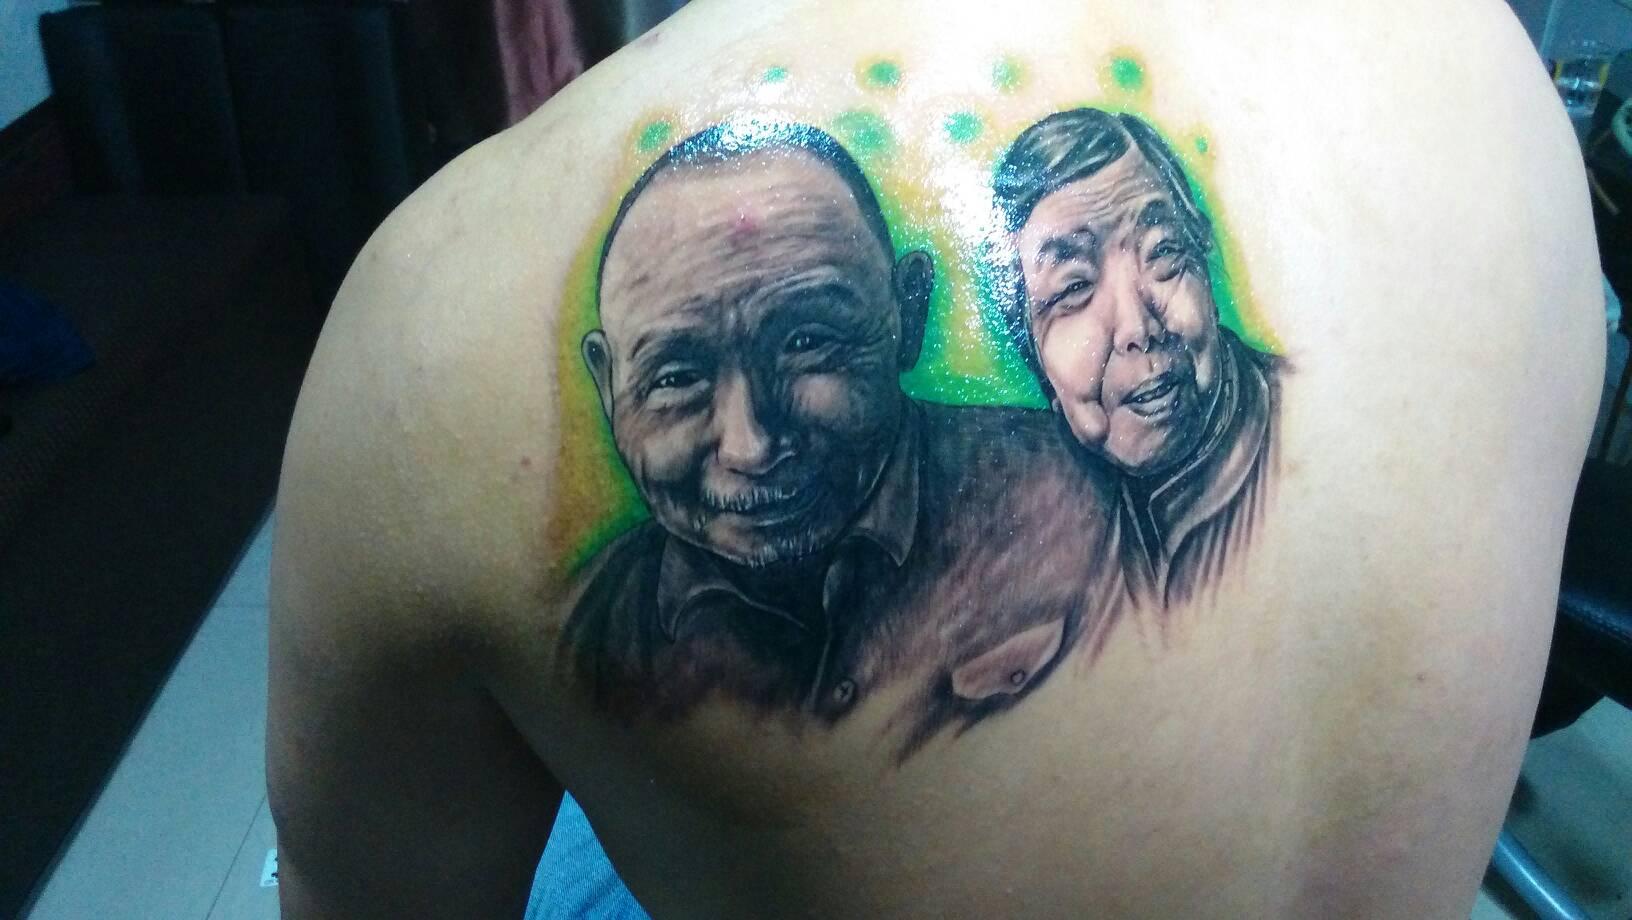 求推荐男生纹身图案图片